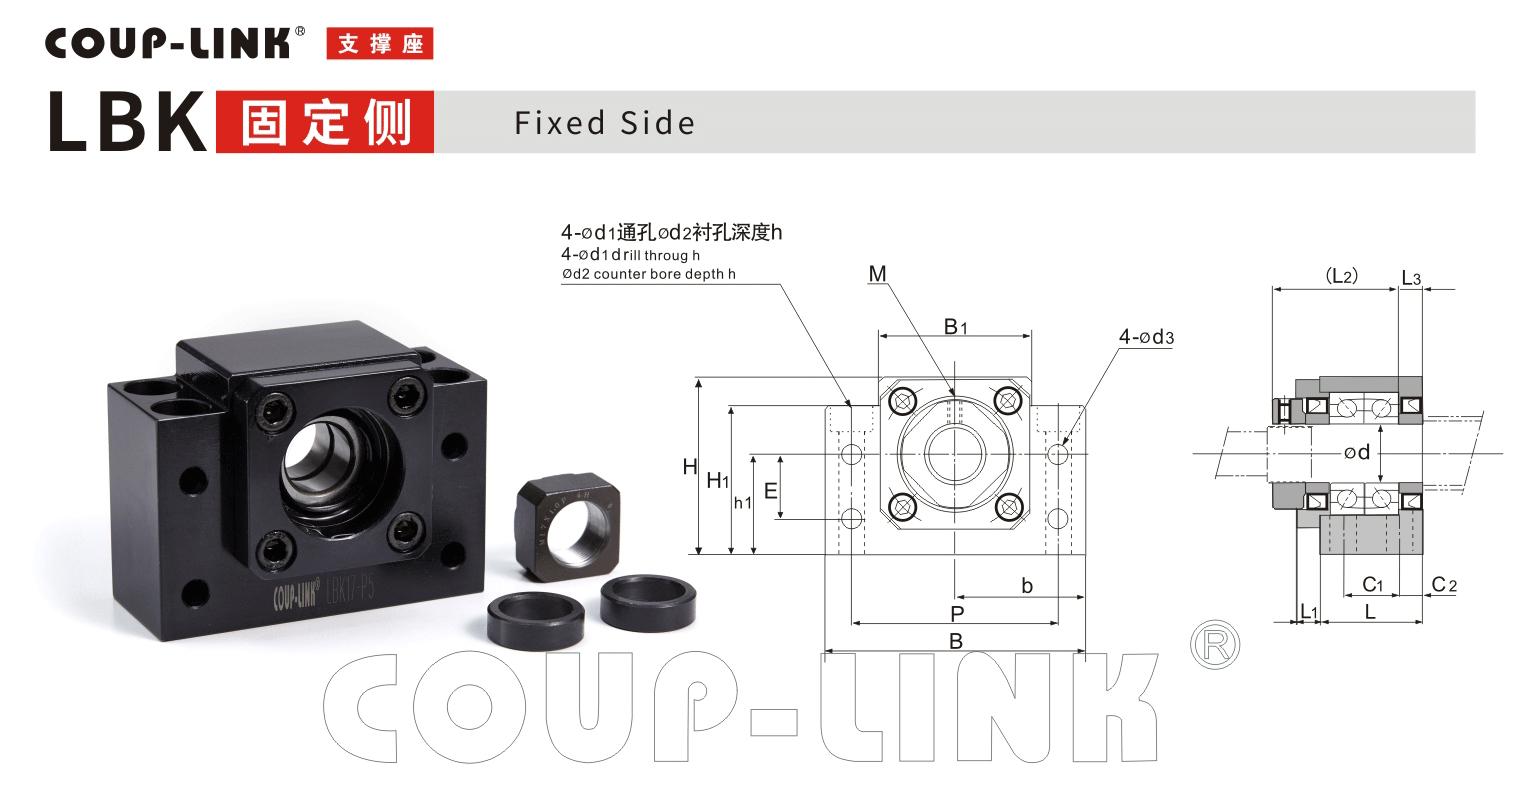 LBK 固定側_聯軸器種類-廣州菱科自動化設備有限公司